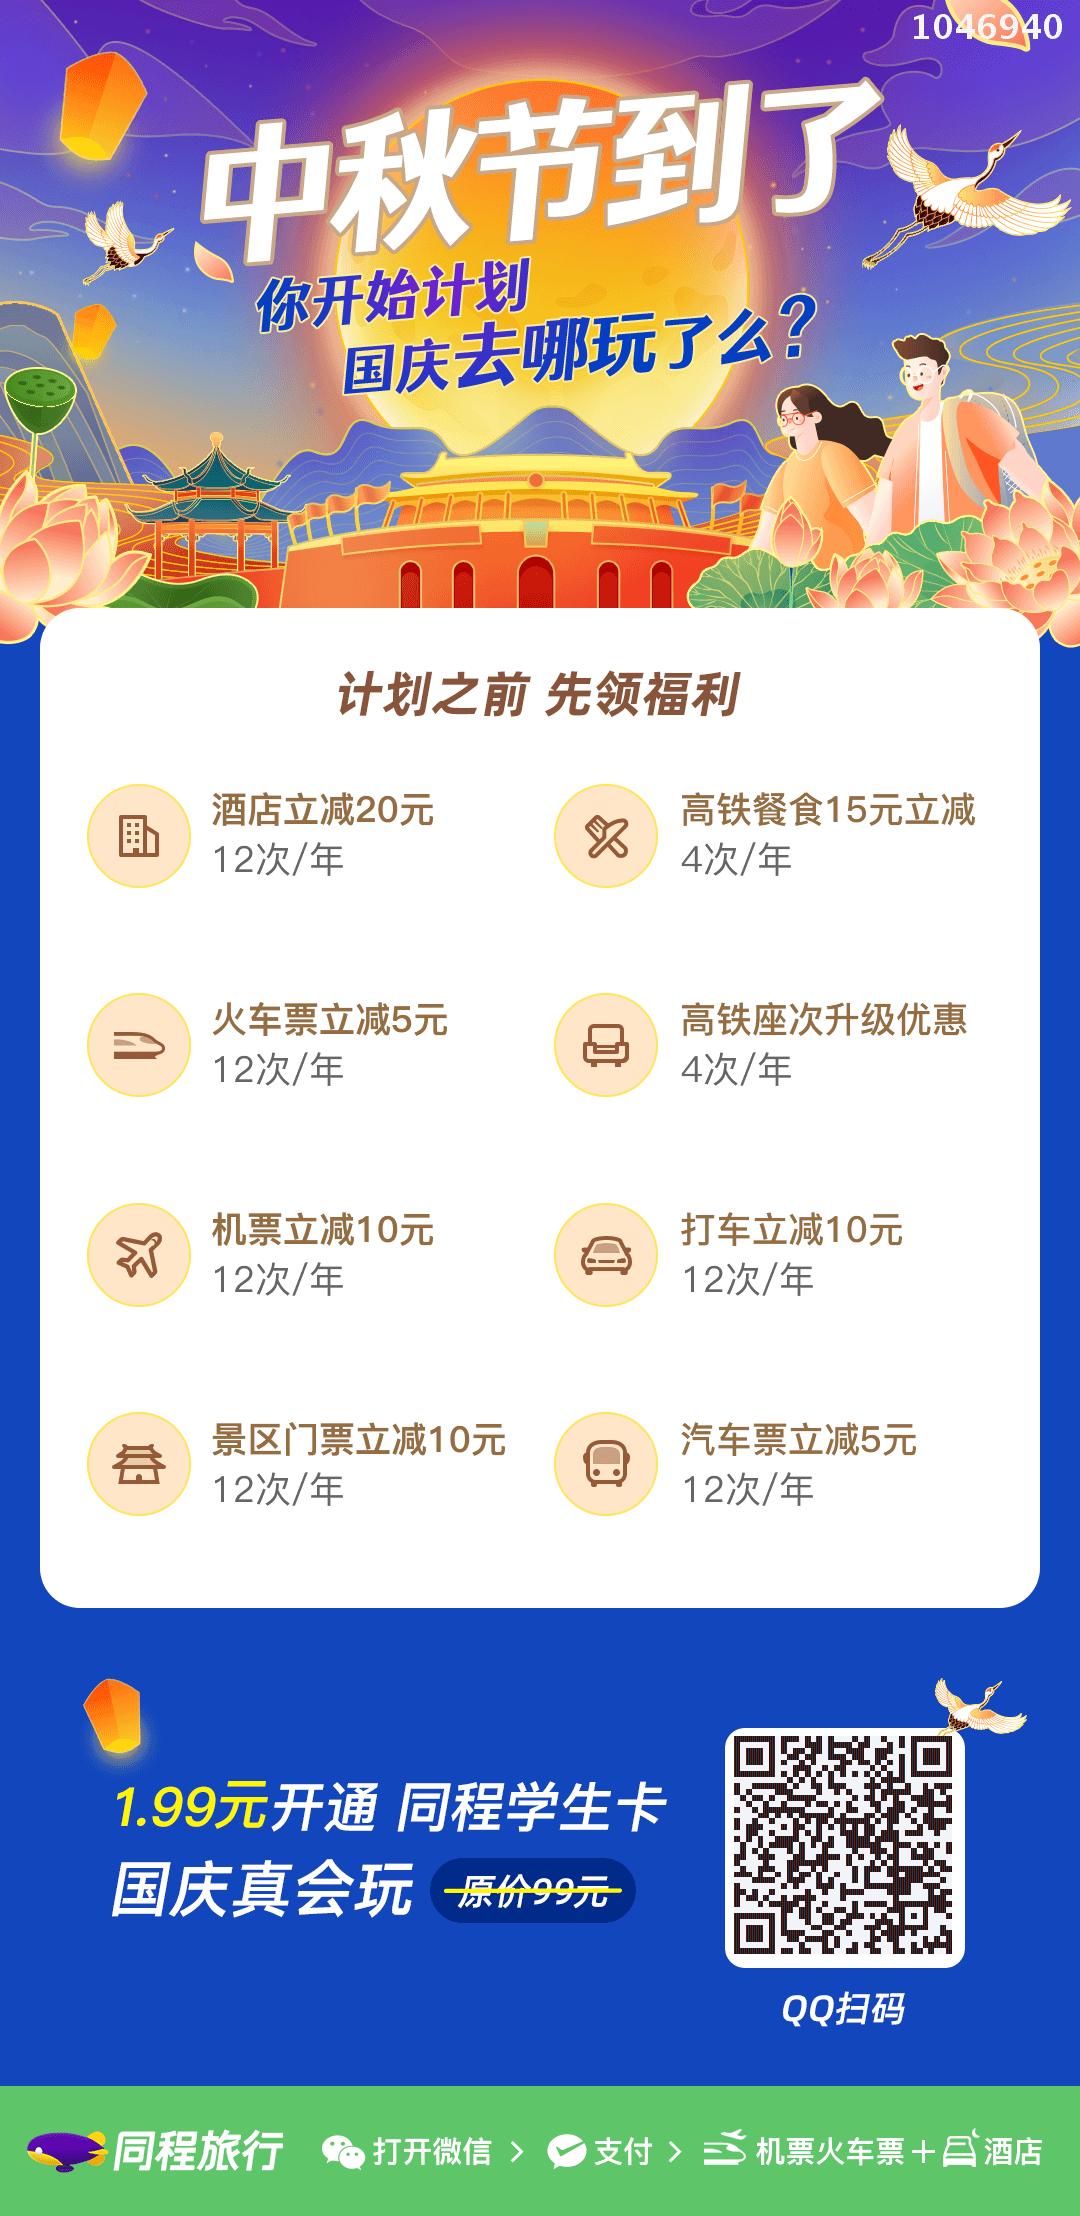 https://cdn.jsdelivr.net/gh/xianbaoyun/img/2021/up/4f0d09.png